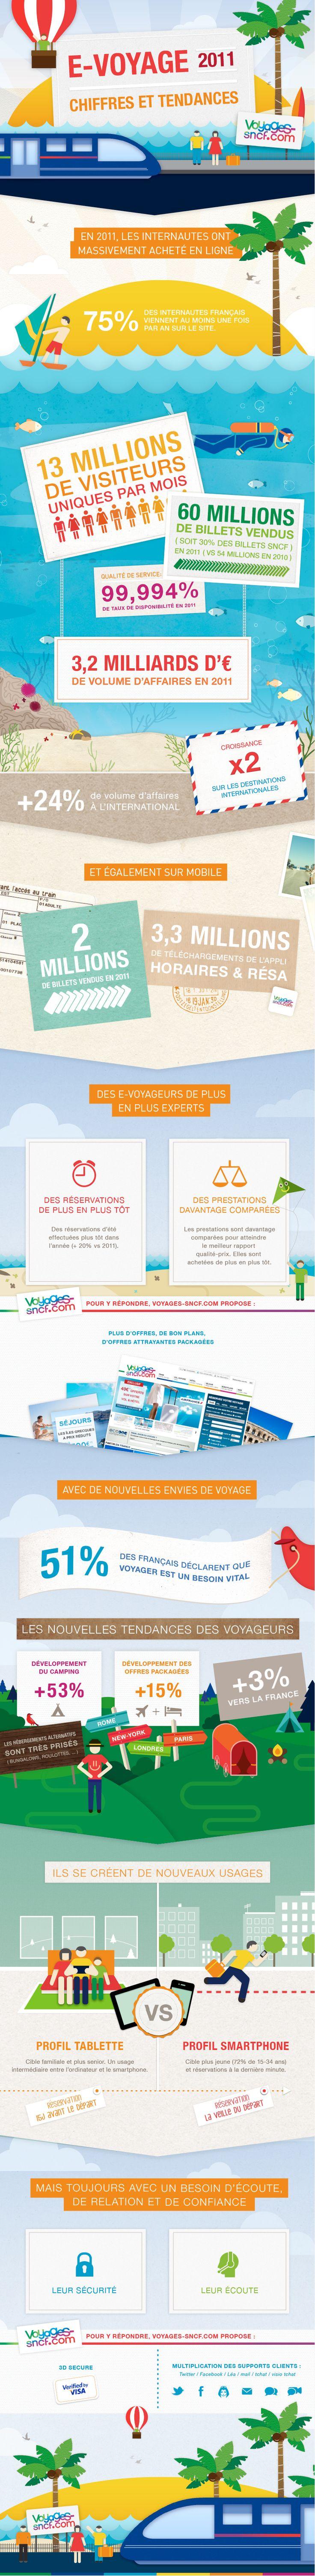 SNCF - E-Voyage 2011, chiffres et tendances • Zee Agency www.zeeagency.com